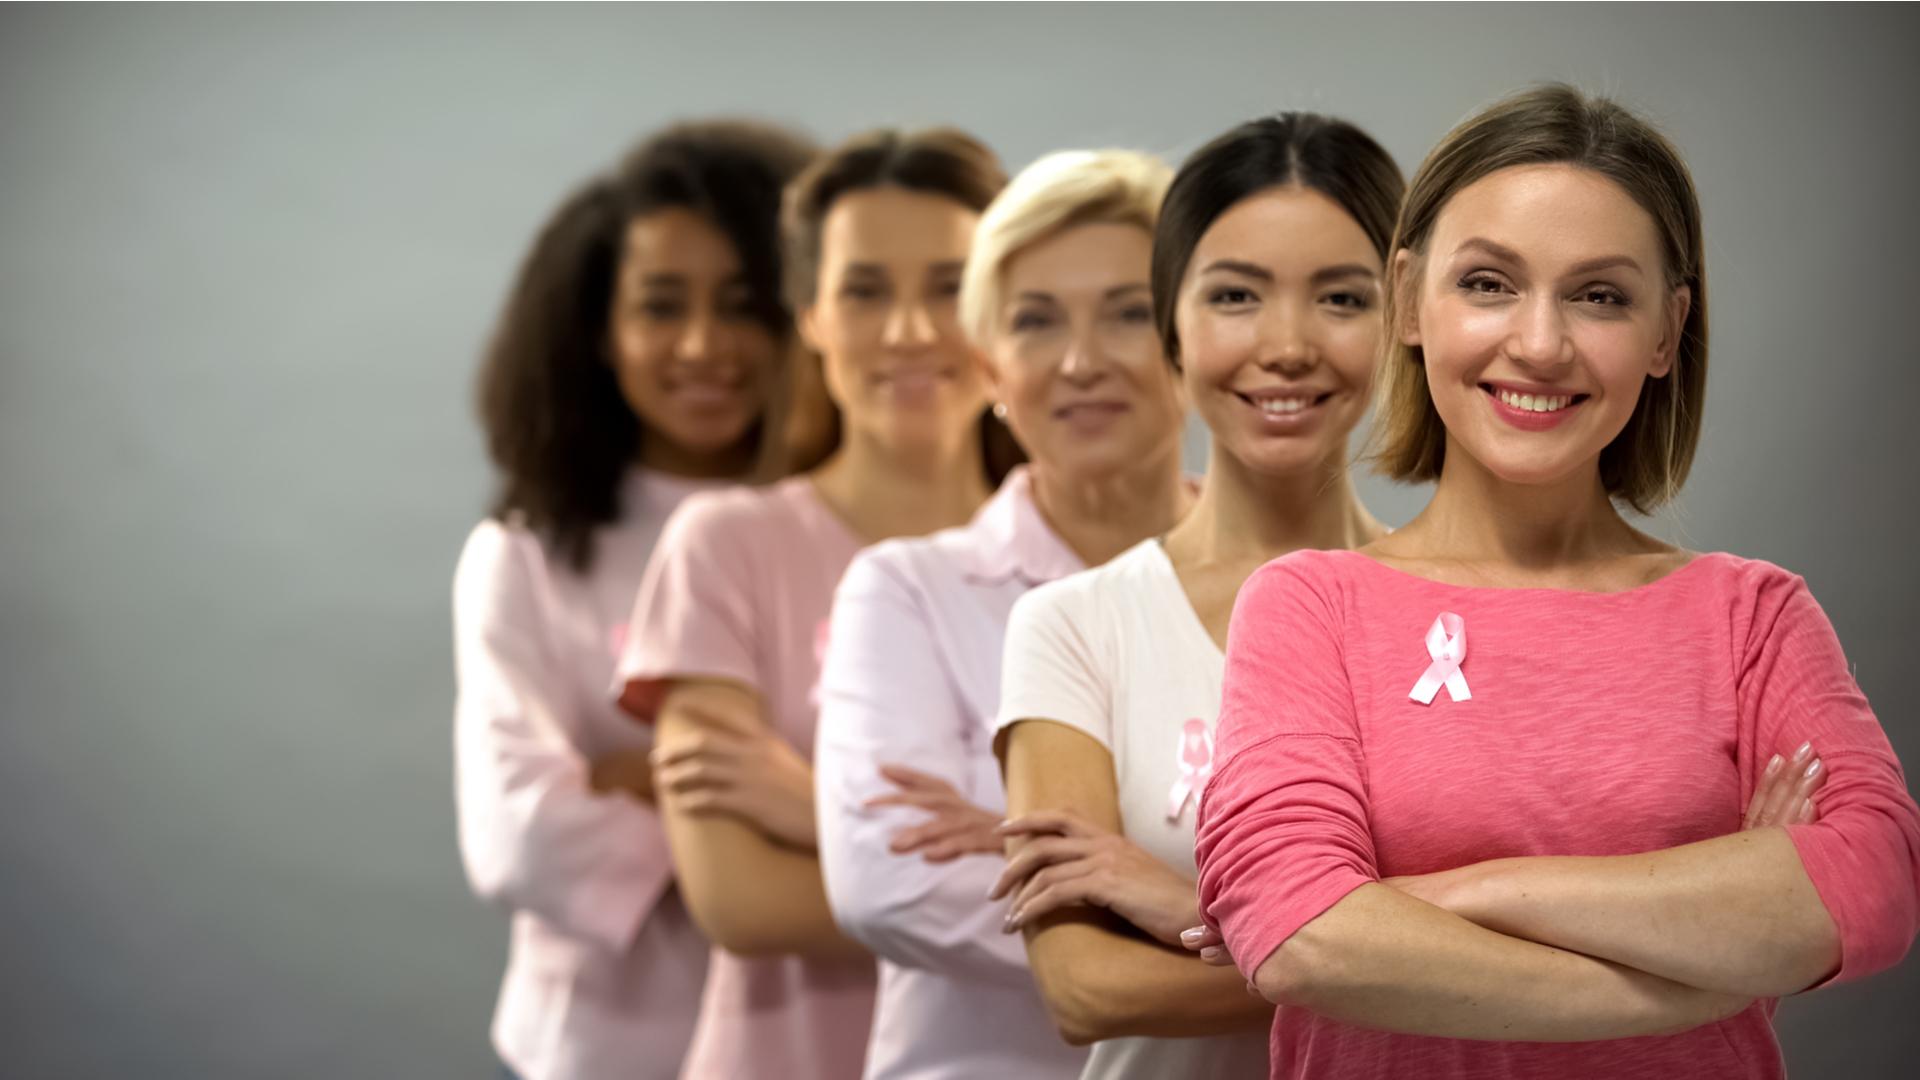 importancia del examen de mamas para detectar el cancer